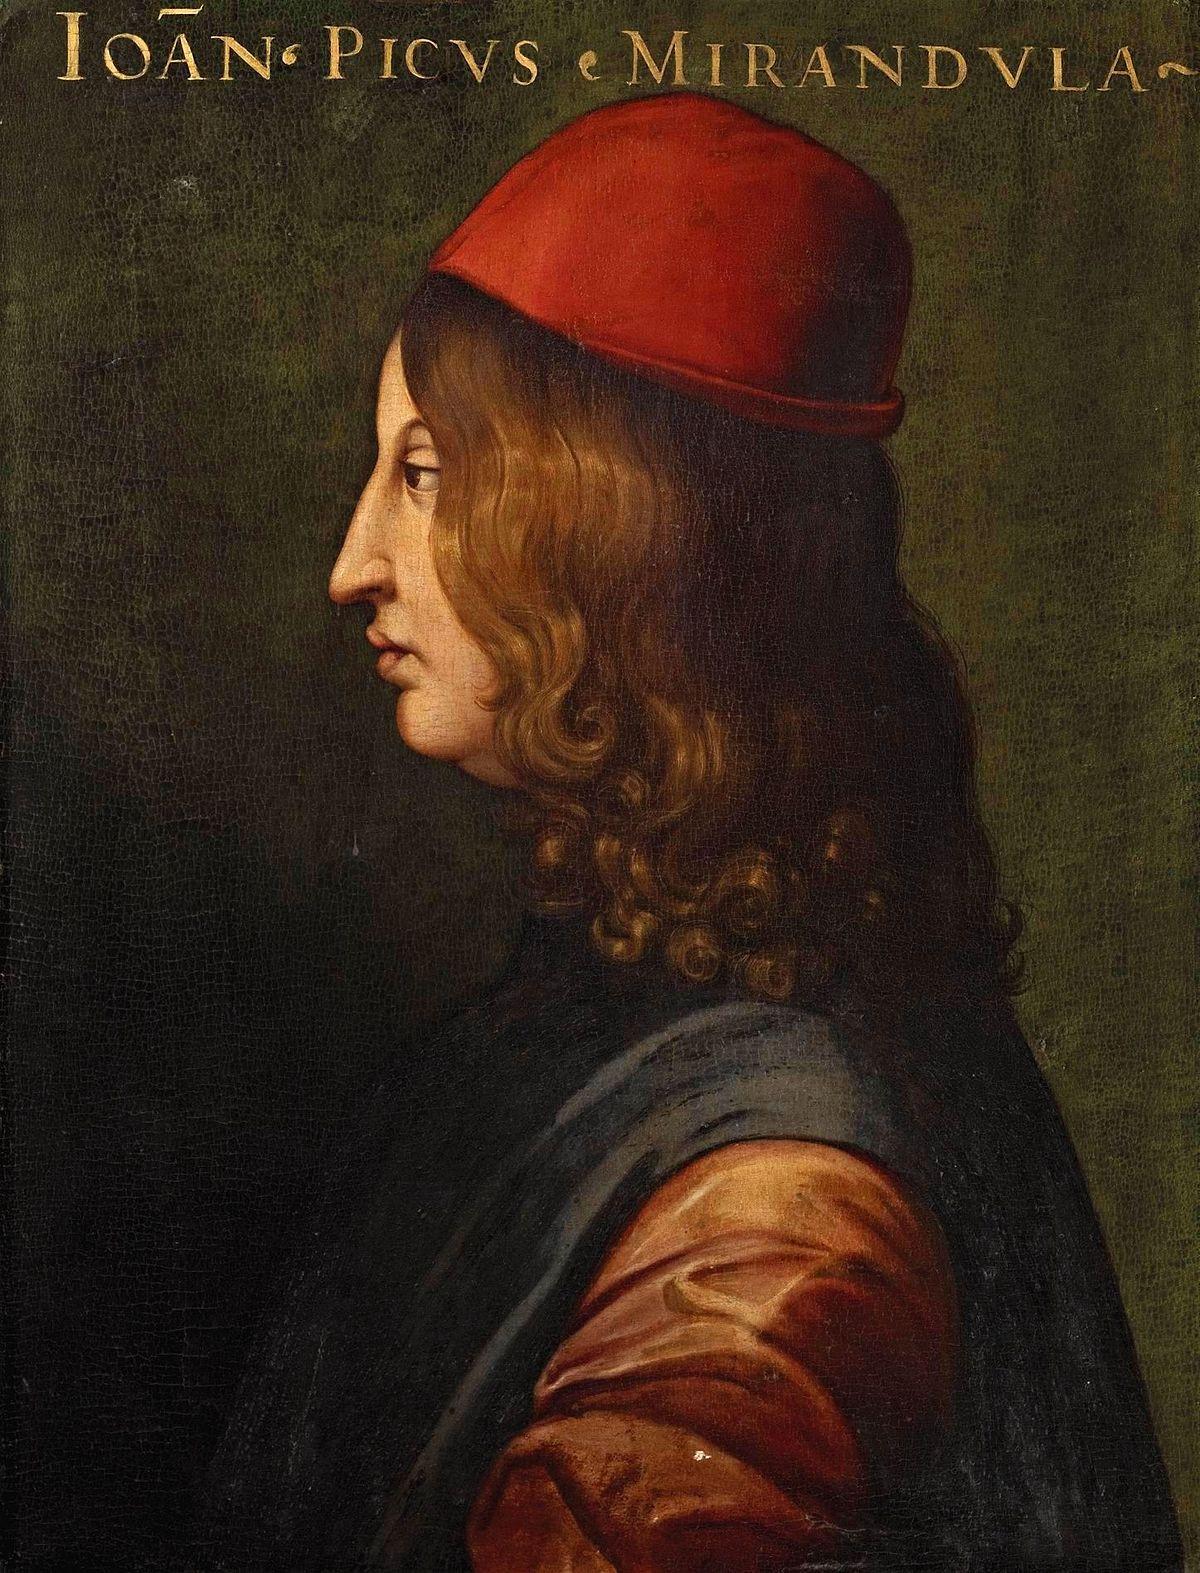 Alexander Kalifano Vase Of Giovanni Pico Della Mirandola Wikipedia within 1200px Pico1